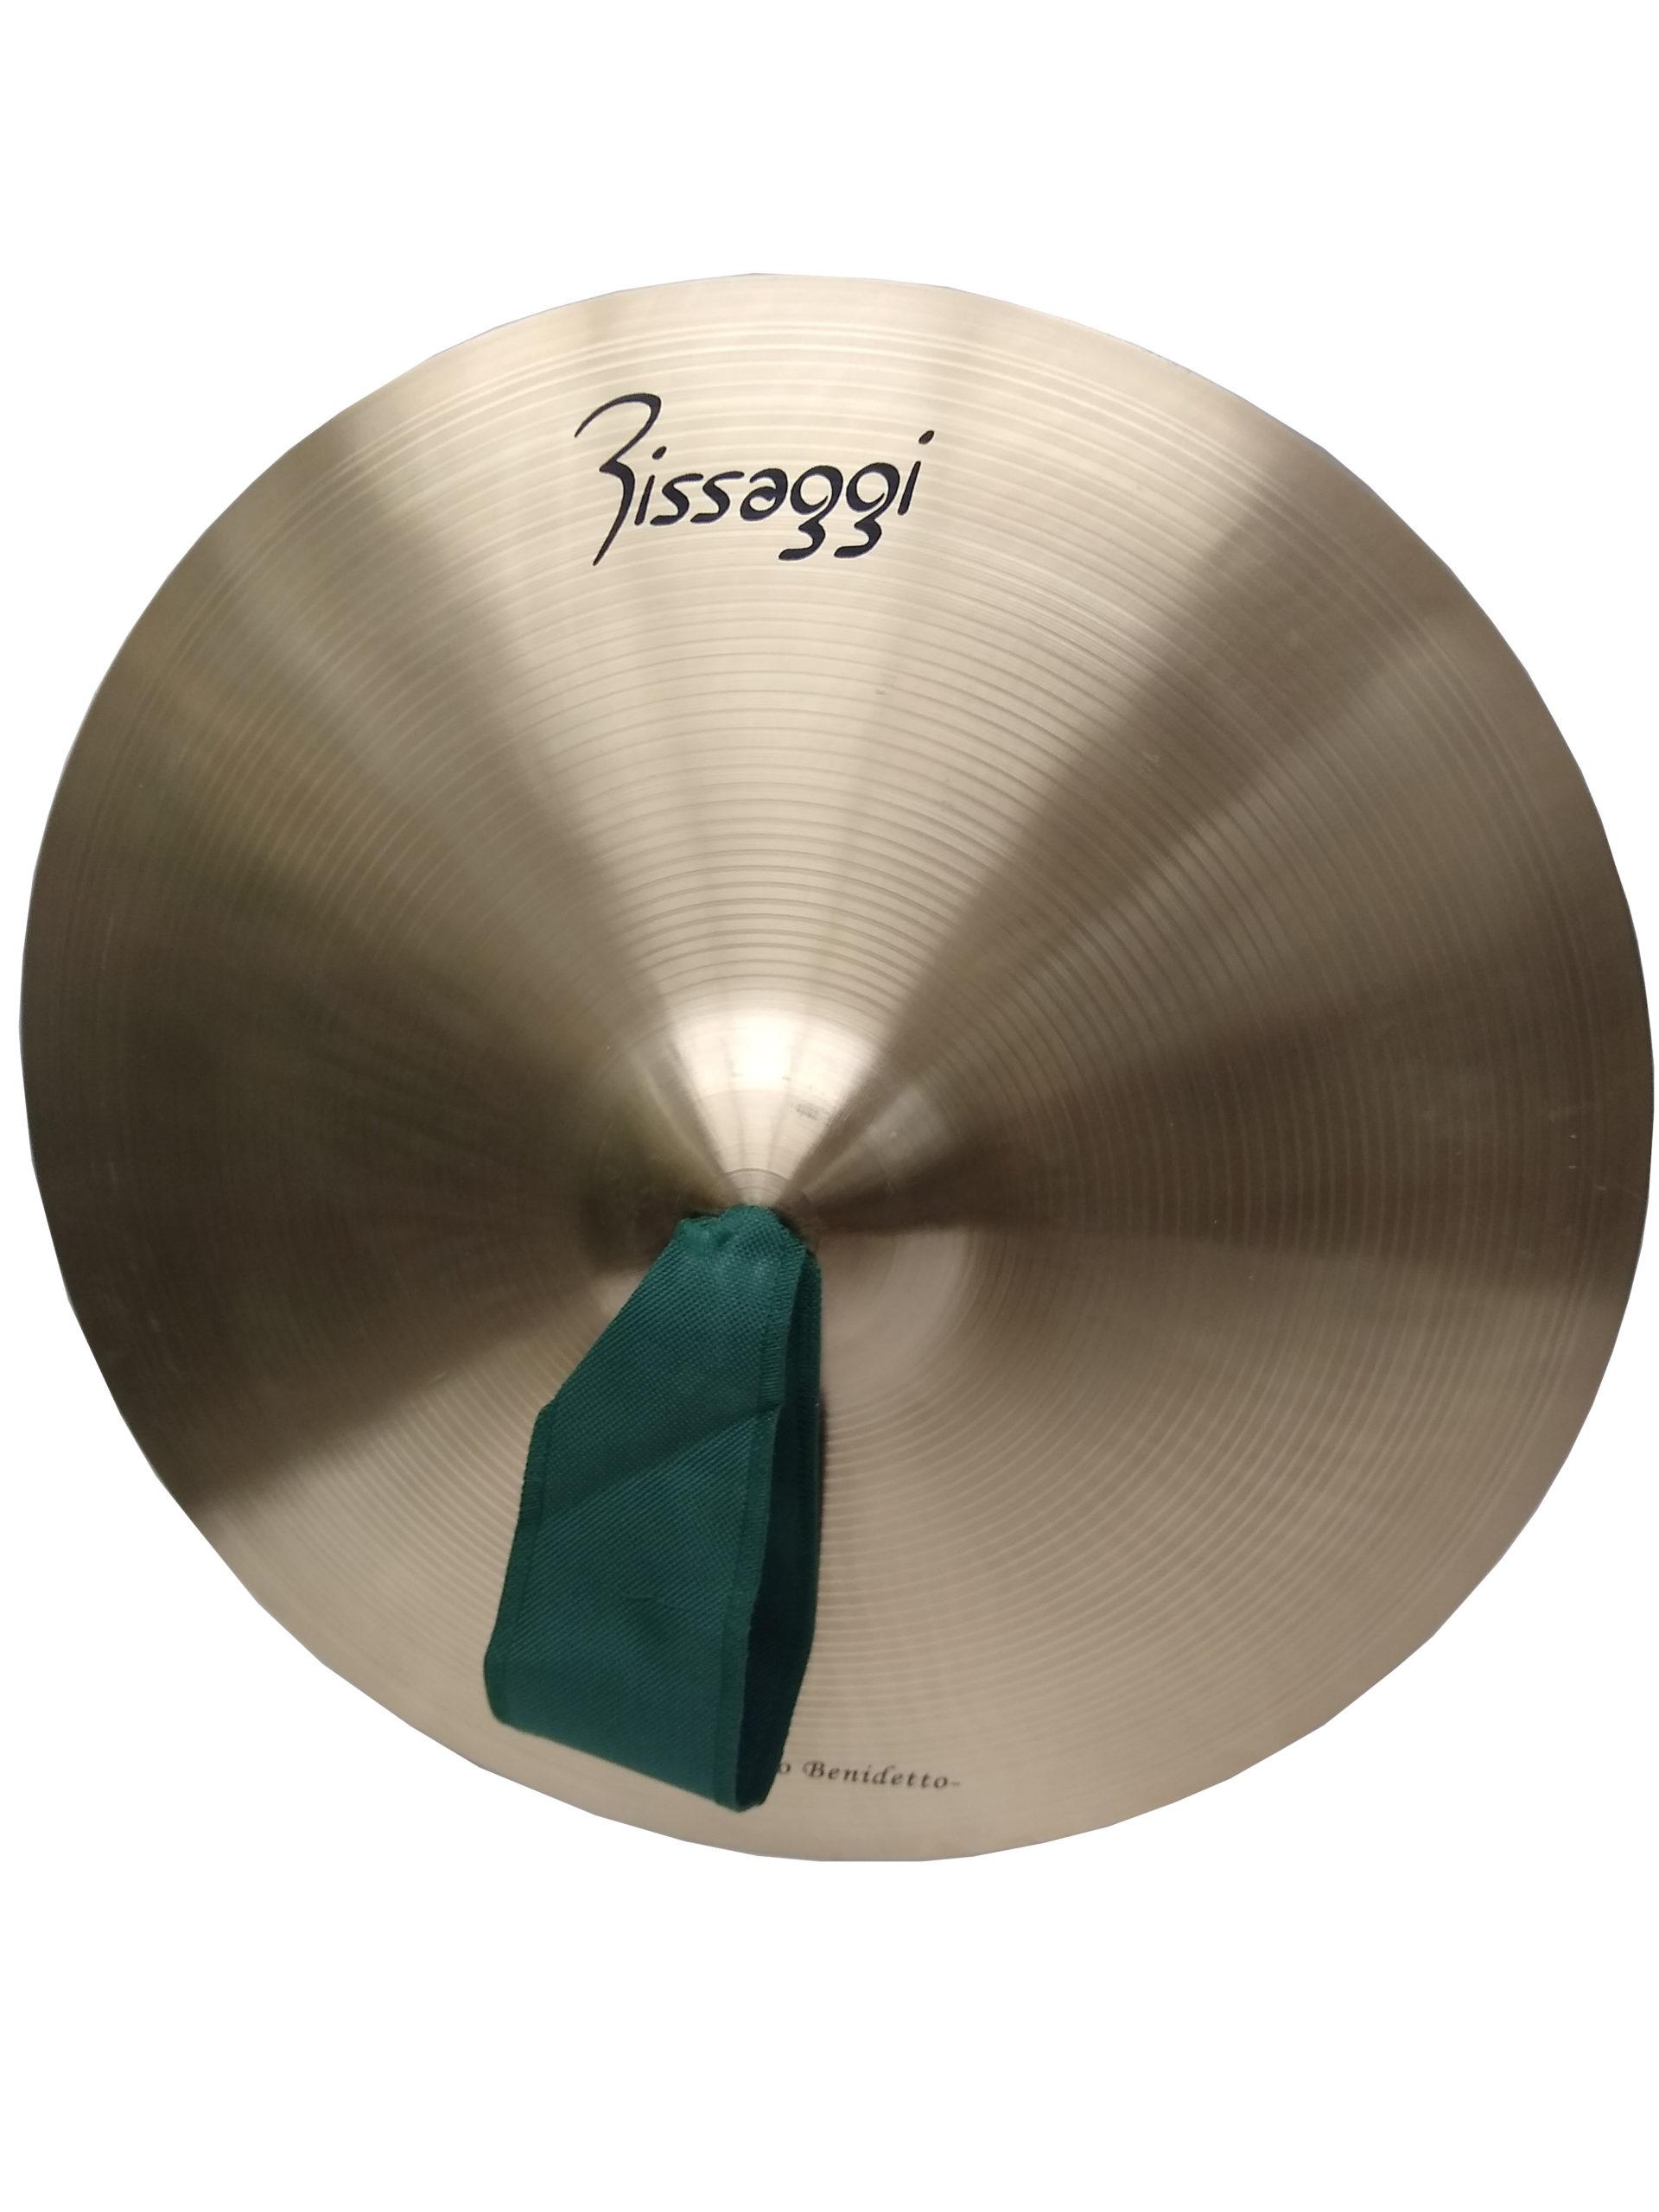 Fissaggi Field Series II Marching Cymbals 14